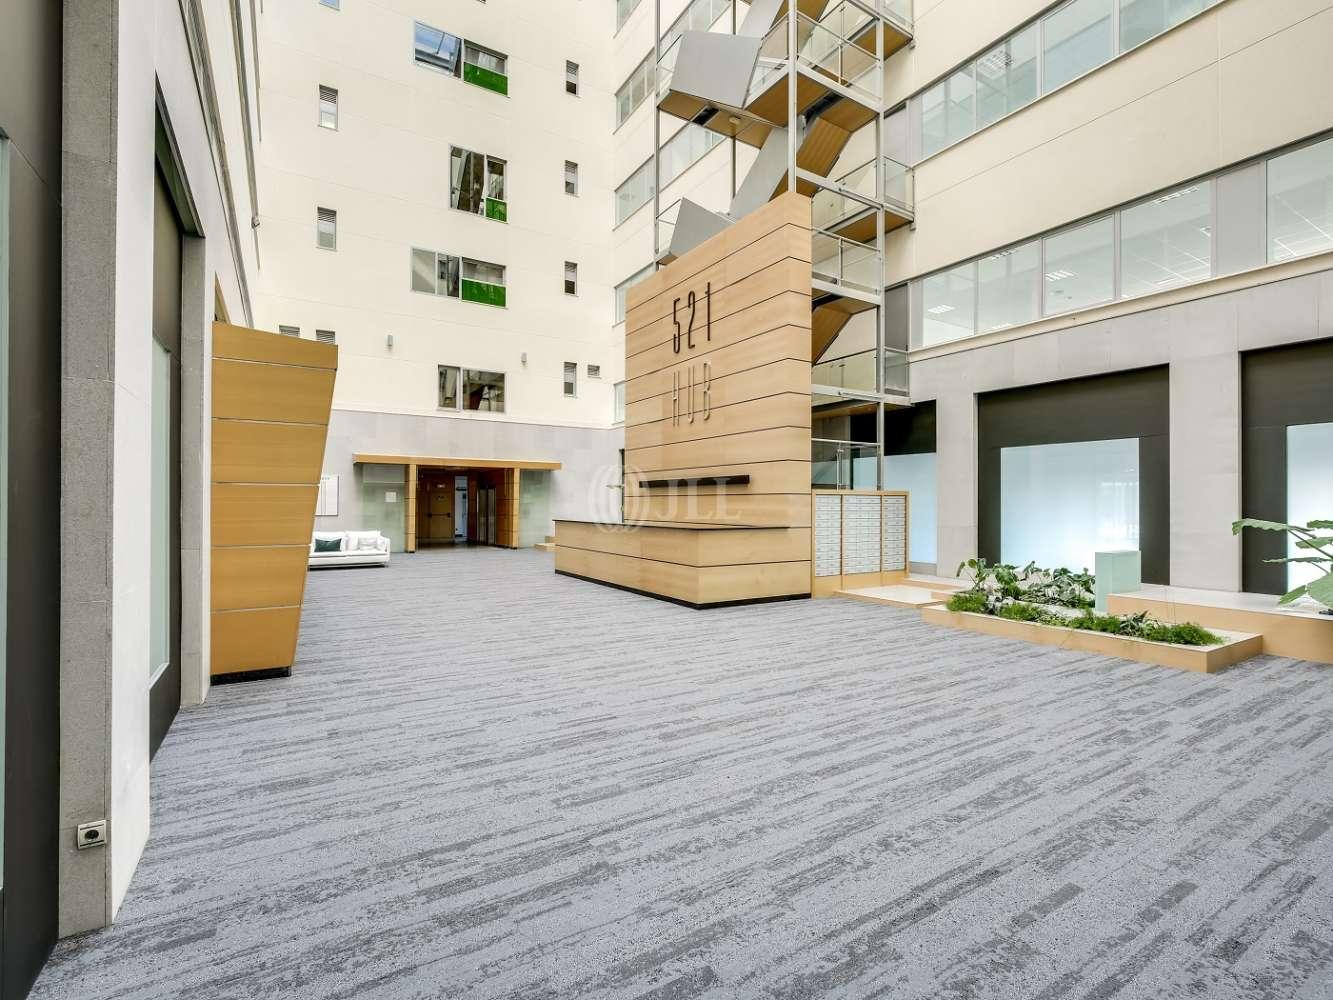 Oficina Rivas-vaciamadrid, 28521 - 521 Hub. Edificio 1 - 14526